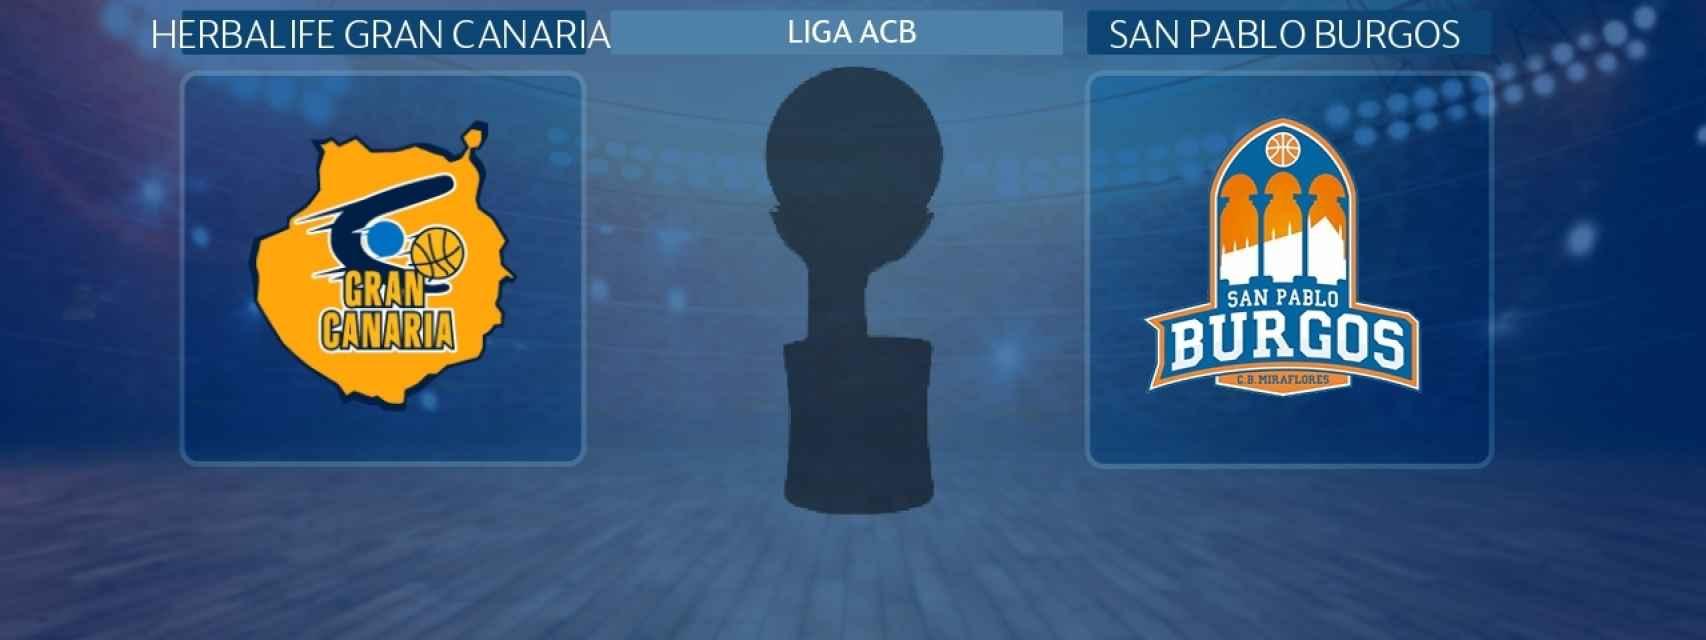 Herbalife Gran Canaria - San Pablo Burgos, partido de Liga ACB